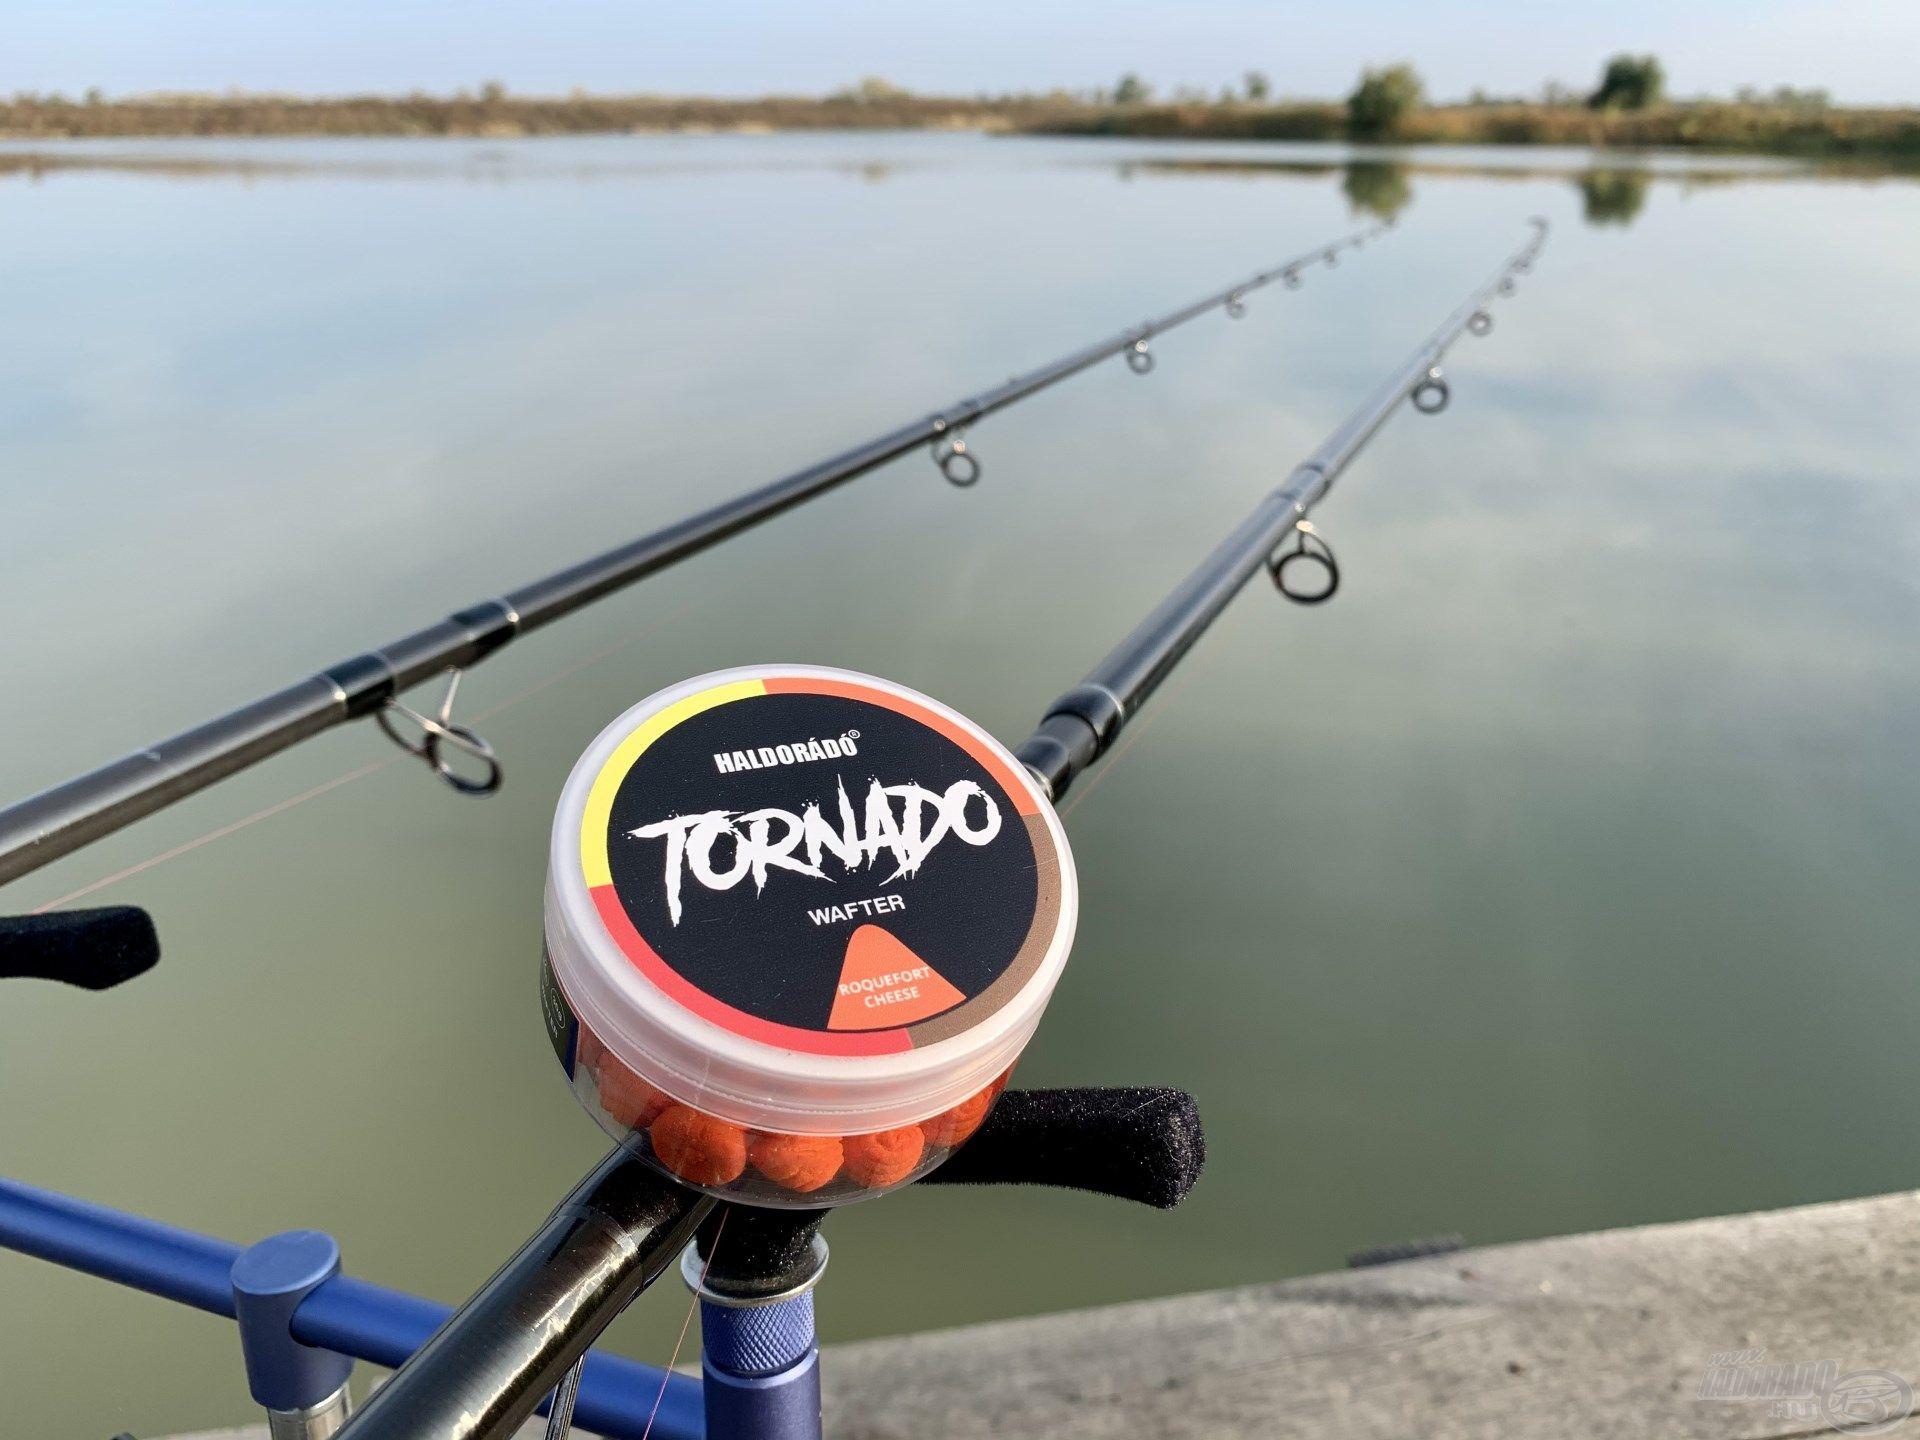 A TORNADO Wafter - Rokfort Sajt csali ezen a horgászaton mindent vitt, mint a tornádó